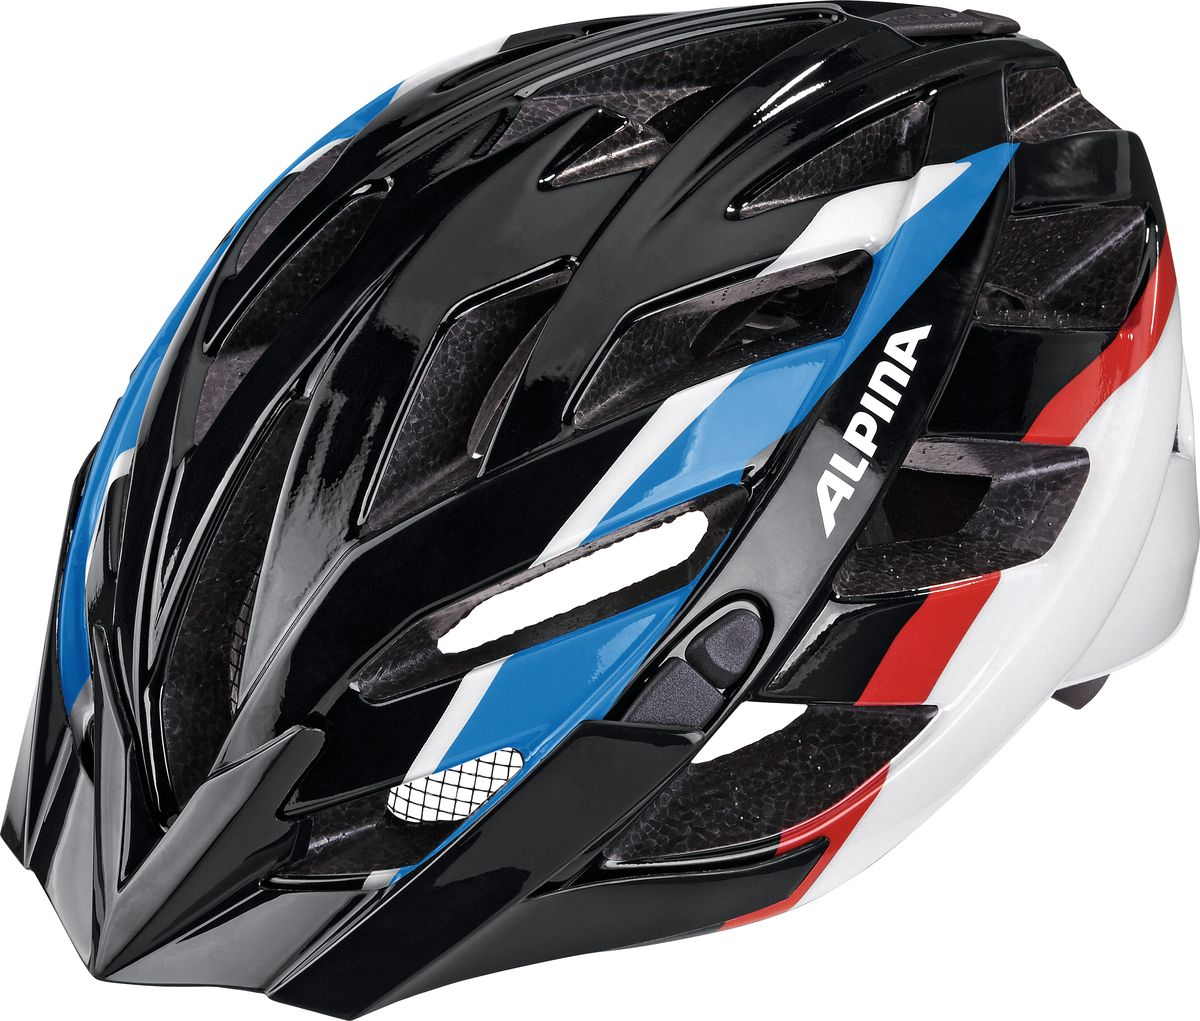 Шлем летний Alpina Panoma, цвет: черный, синий, красный. Размер 56-59A9665136Шлем летний Alpina Panoma - это классический универсальный велосипедный шлем с превосходной посадкой. Panoma - верный компаньон в ежедневных поездках до работы и выездов по выходным. 23 вентиляционных отверстия.Безопасность:Оболочка Inmold Производственный процесс заключается в нагревании до высокой температуры внешней поликарбонатной оболочки и запекании ее на EPS-тело шлема под высоким давлением. Этот процесс создает неразрывную связь по всей поверхности между внутренней и внешней оболочками, благодаря этому шлем получается не только очень легким, но и чрезвычайно стабильным.Hi-EPS Внутренняя оболочка выполнена из Hi-EPS (вспененный полистирол). Этот материал состоит из множества микроскопических воздушных камер, которые эффективно поглощают силу удара. Hi-EPS обеспечивает оптимальную защиту в сочетании с экстратонкими стенками.Ceramic Материал объединяет несколько преимуществ: устойчив к ударам и царапинам, содержит ультрафиолетовые стабилизаторы и антистатичен.Эргономика: Run System Classic Если вы используете свой велосипед для того, чтобы съездить по магазинам, вам не нужна сложная система регулировки. Система подгонки Run System Classic отвечает этим требованиям красивым, простым и надежным колесом регулировки. Система Run System Classic проста в использовании и держит шлем надежно, там где он должен быть - на голове.Y-Clip Шлем может обеспечить правильную защиту, только если он остается на месте в случае удара. Крепление, которое соединяет две полоски под ухом имеет решающее значение в этом случае. Система Y-Clip Alpina гарантирует идеальную подгонку до последнего миллиметра за считанные секунды.Ergomatic Проверенная бесчисленное количество раз, эта пряжка используется во всех шлемах Alpina. Из особенностей: красная кнопка приводящая в действие механизм автоматической многоступенчатой регулировки. Пряжку можно расстегнуть или застегнуть одной рукой, так, например, вы можете ослабить